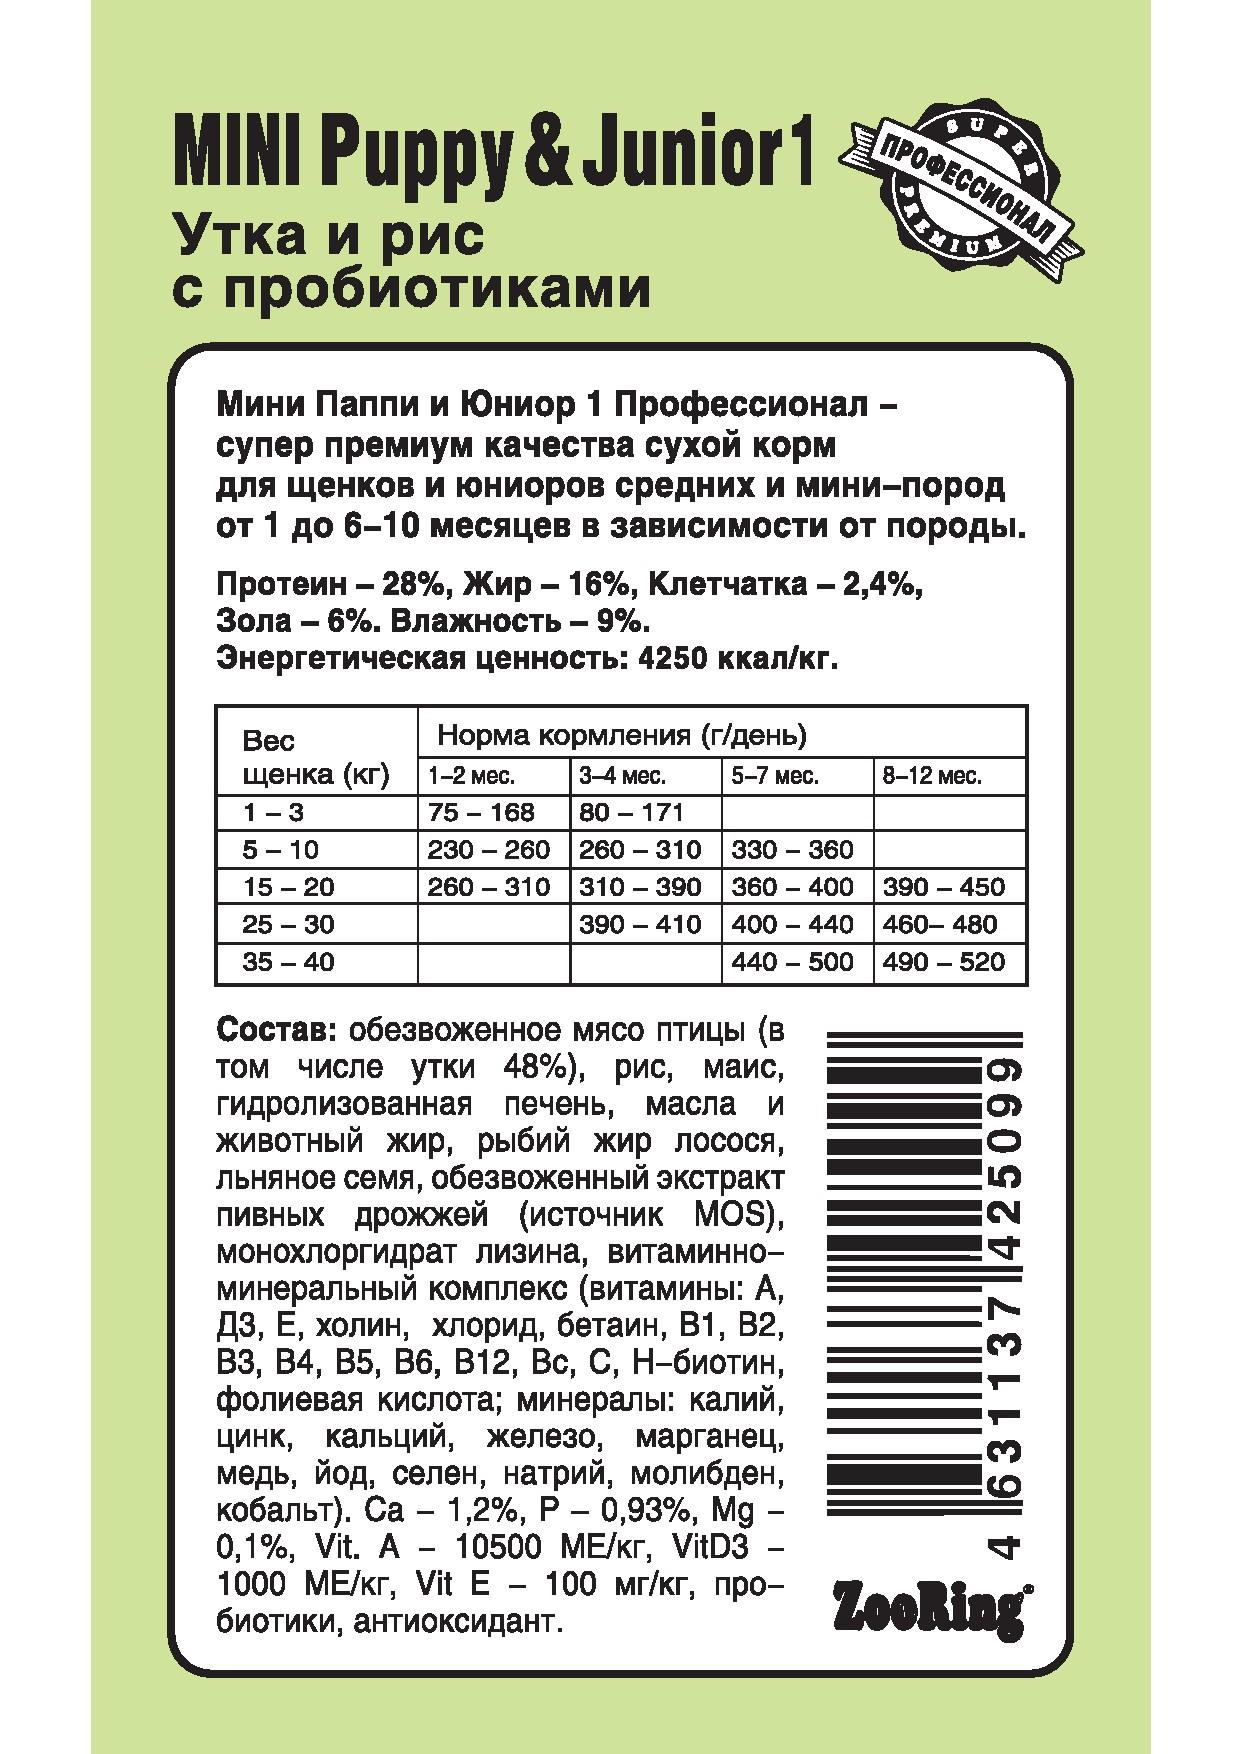 Корм ZooRing для щенков Mini Puppy Junior-1 (Мини Паппи и Юниор-1) Утка и рис (без пшеницы) 10кг c пробиотиками